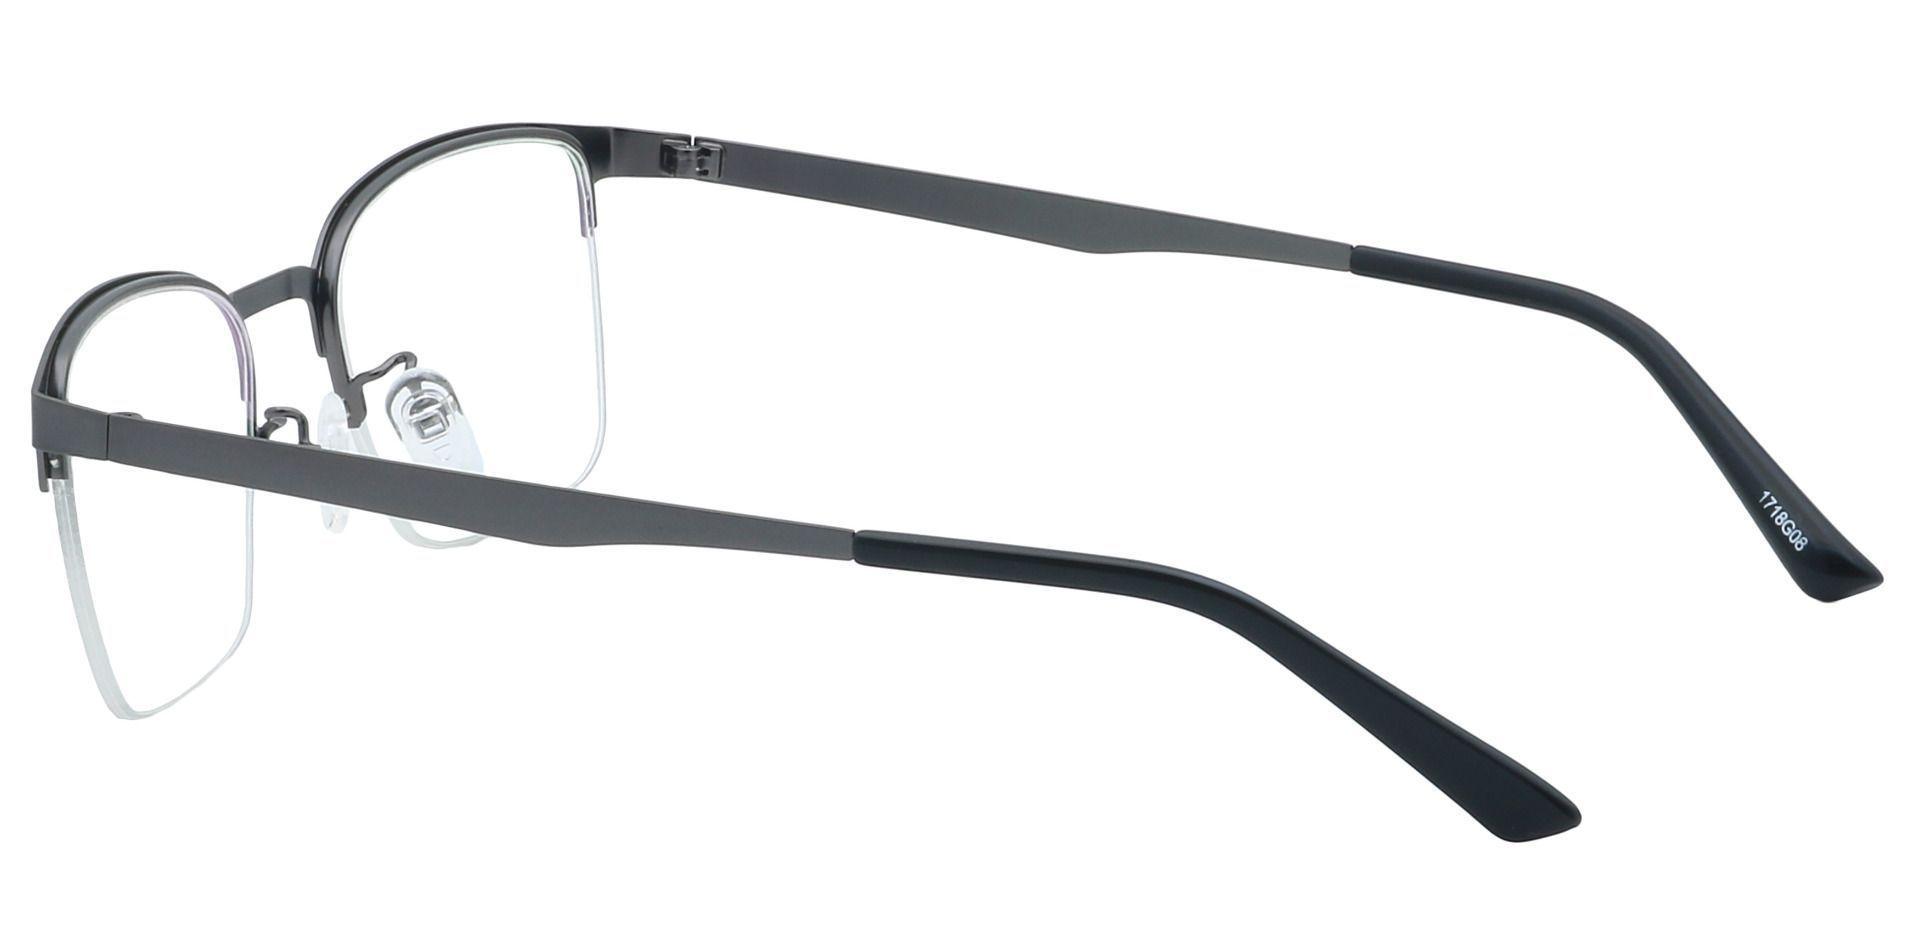 Eden Square Blue Light Blocking Glasses - Gray